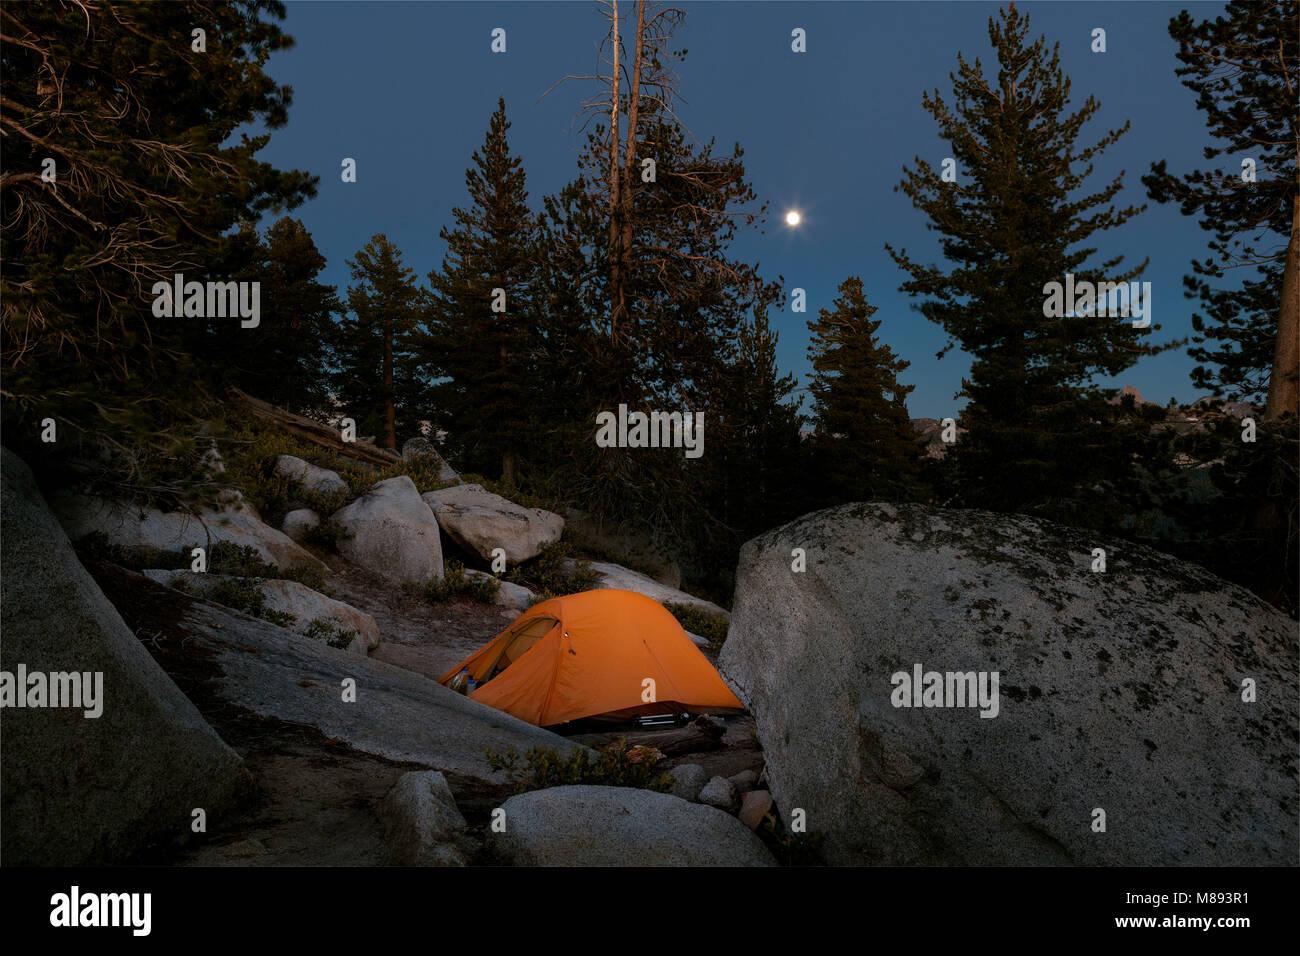 CA02873-00...CALIFORNIE - Lune se lever sur camping ci-dessous nuages reste dans le Parc National Yosemite. Banque D'Images